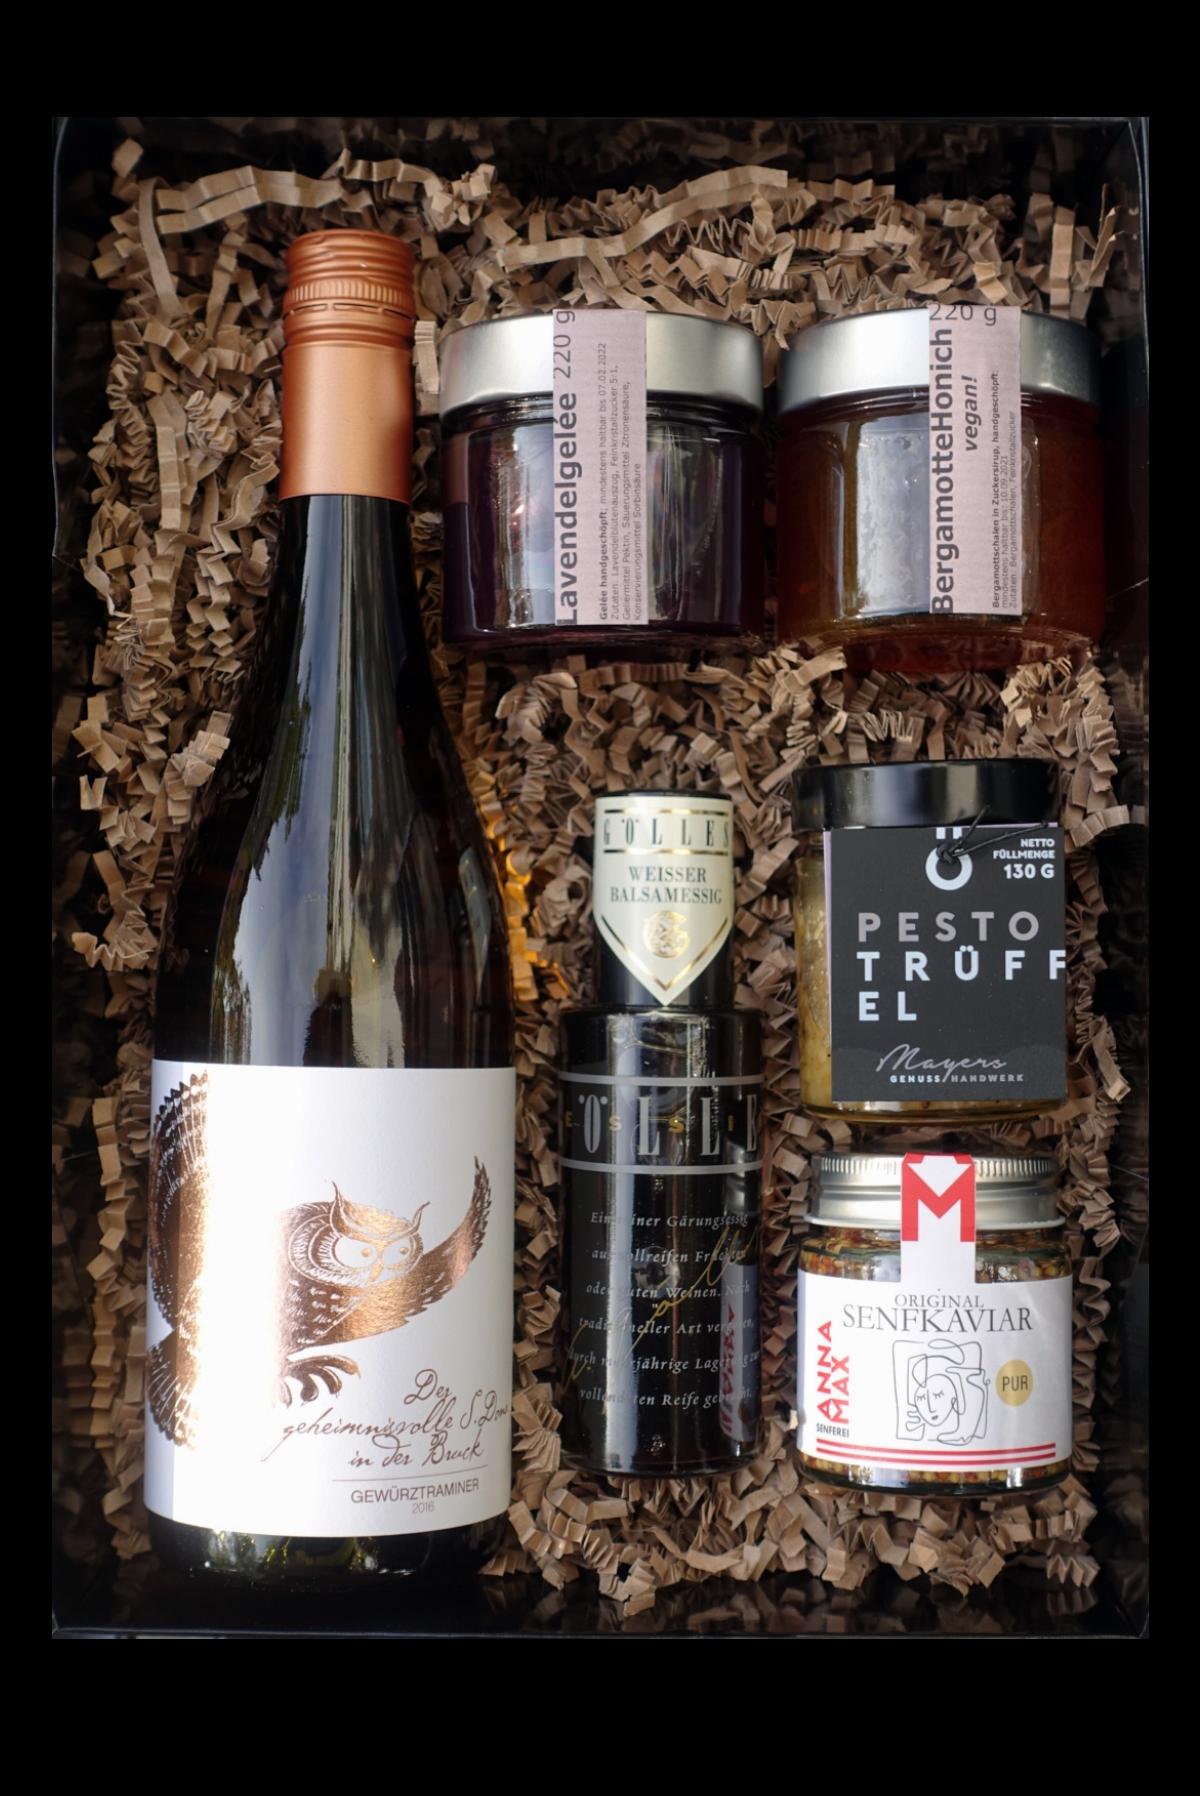 """Herzstück Genussbox mit Gewürztraminer """"Die Eule"""" 2016, Weissem Balsamessig, Senfkaviar pur, Trüffelpesto, Lavendelgelée, Bergamotte Honich"""